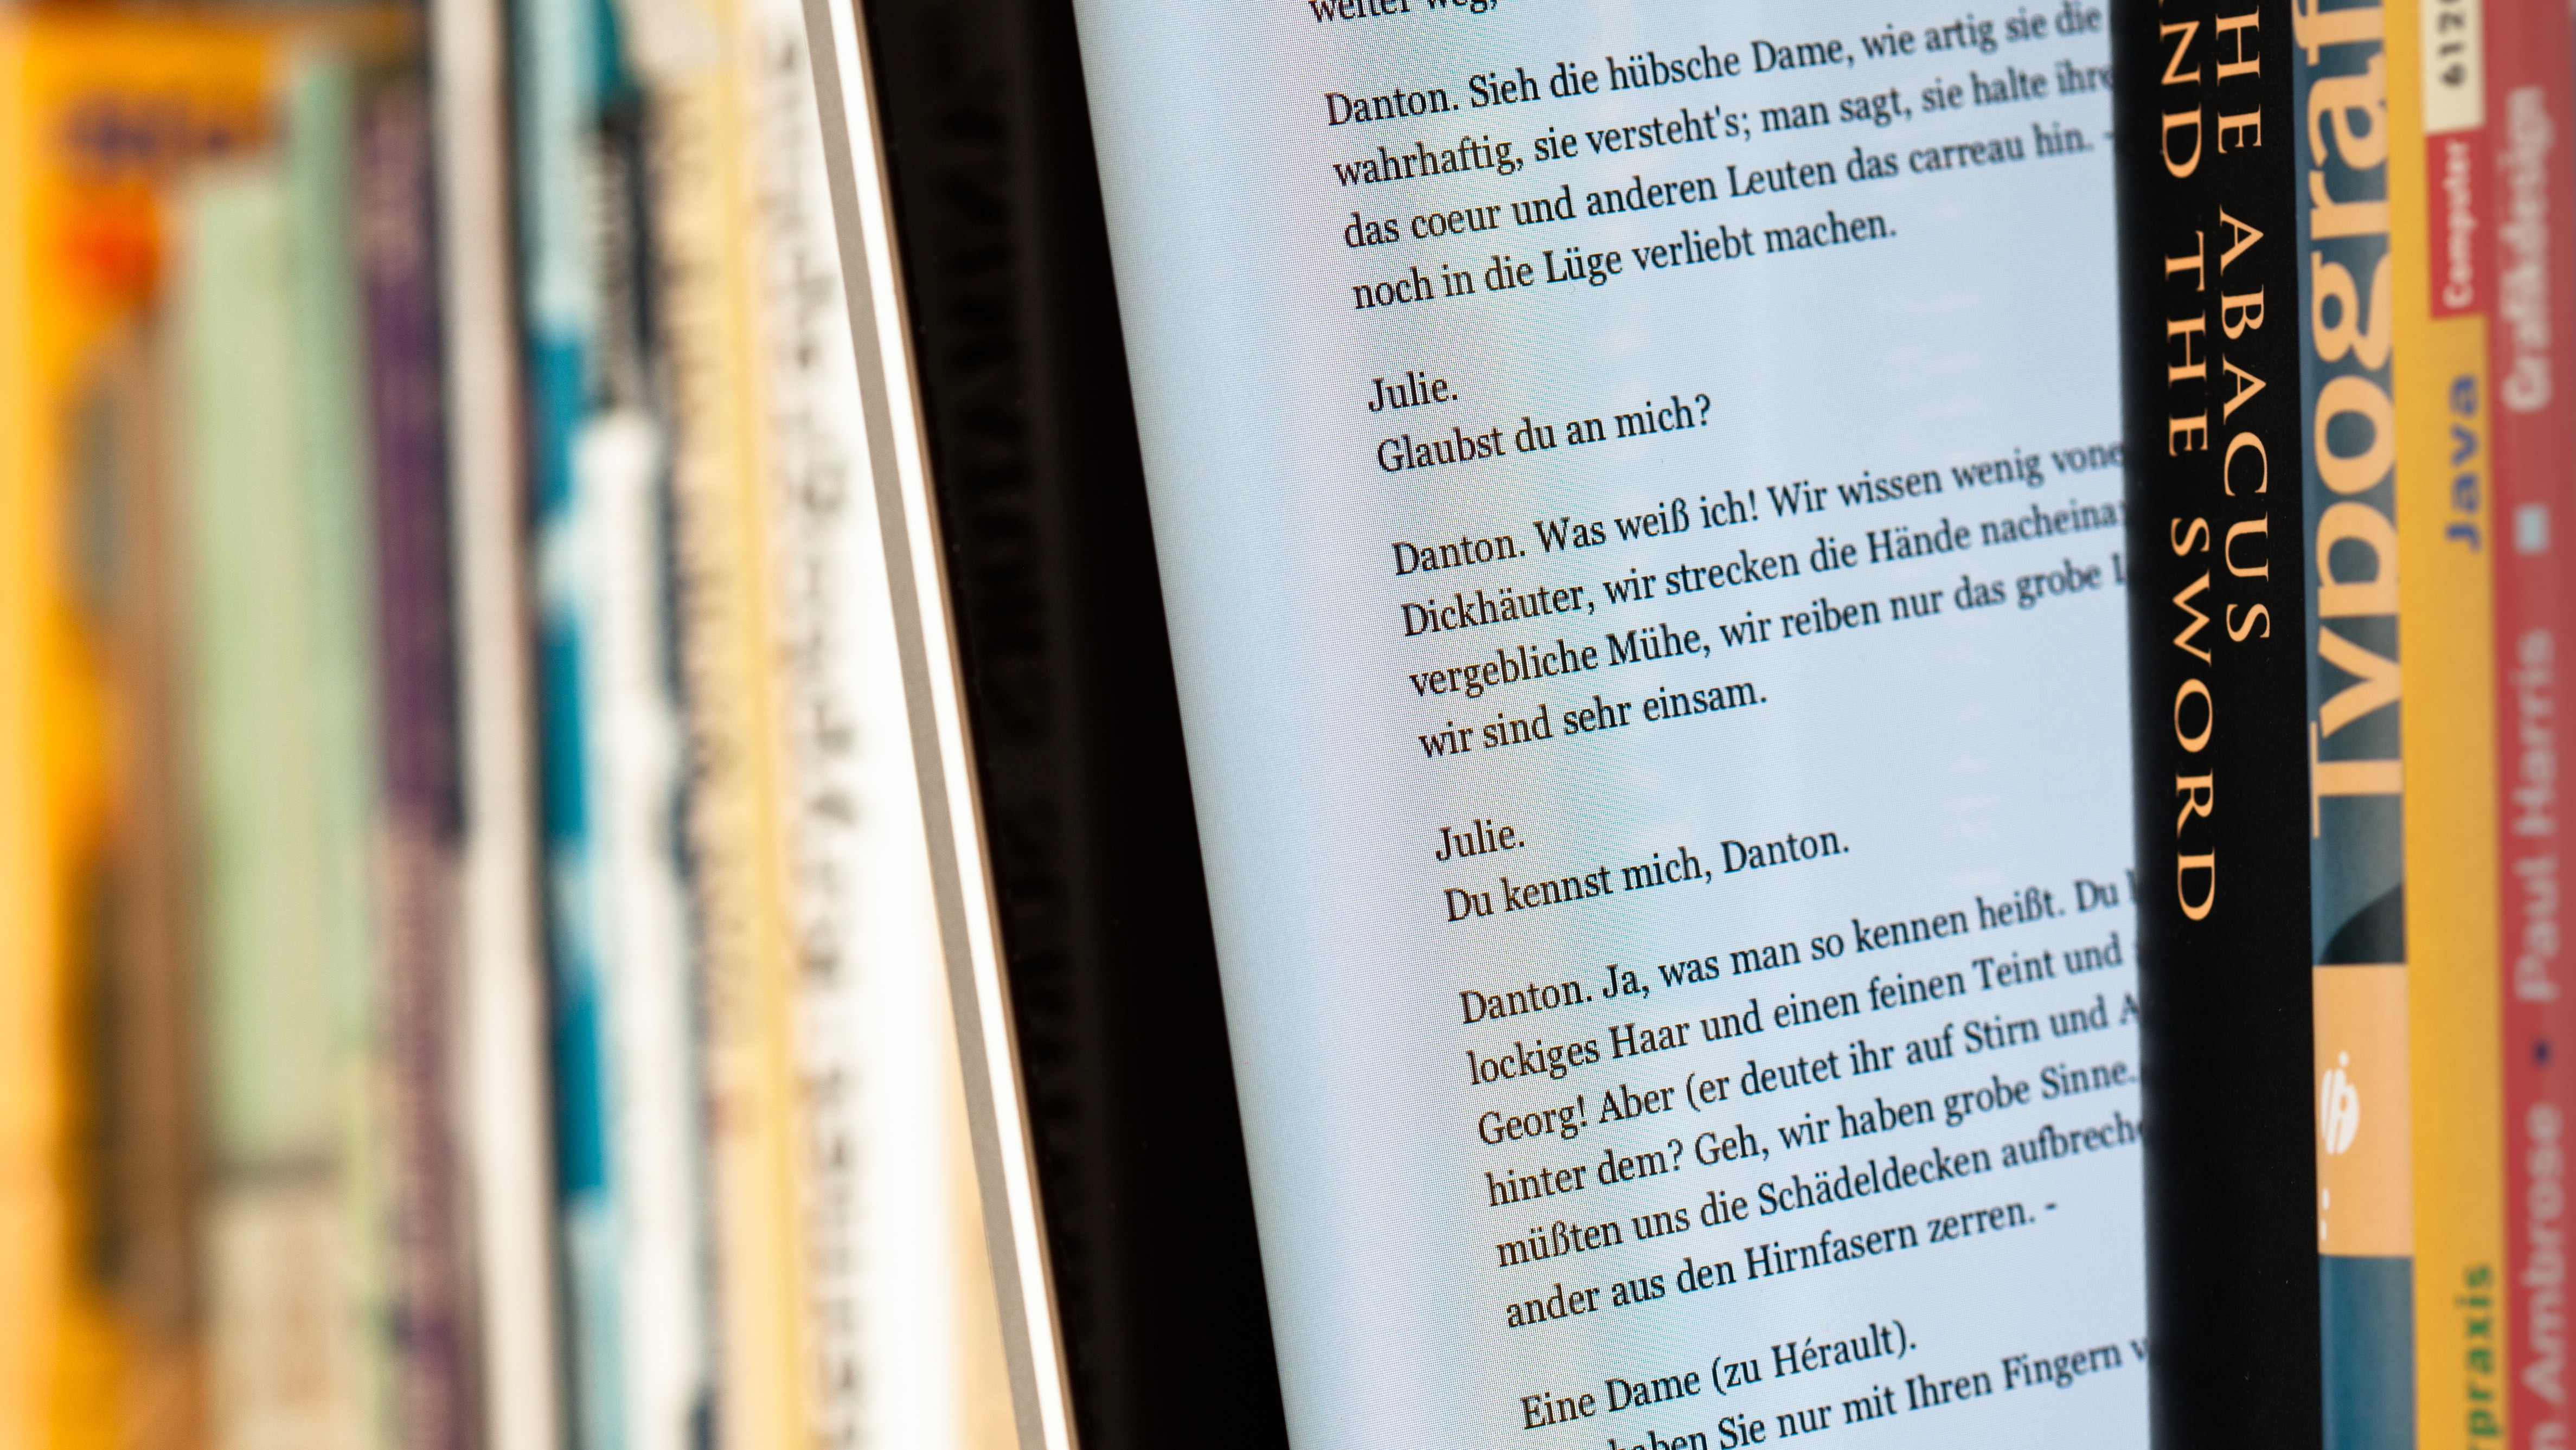 EBook between paper books